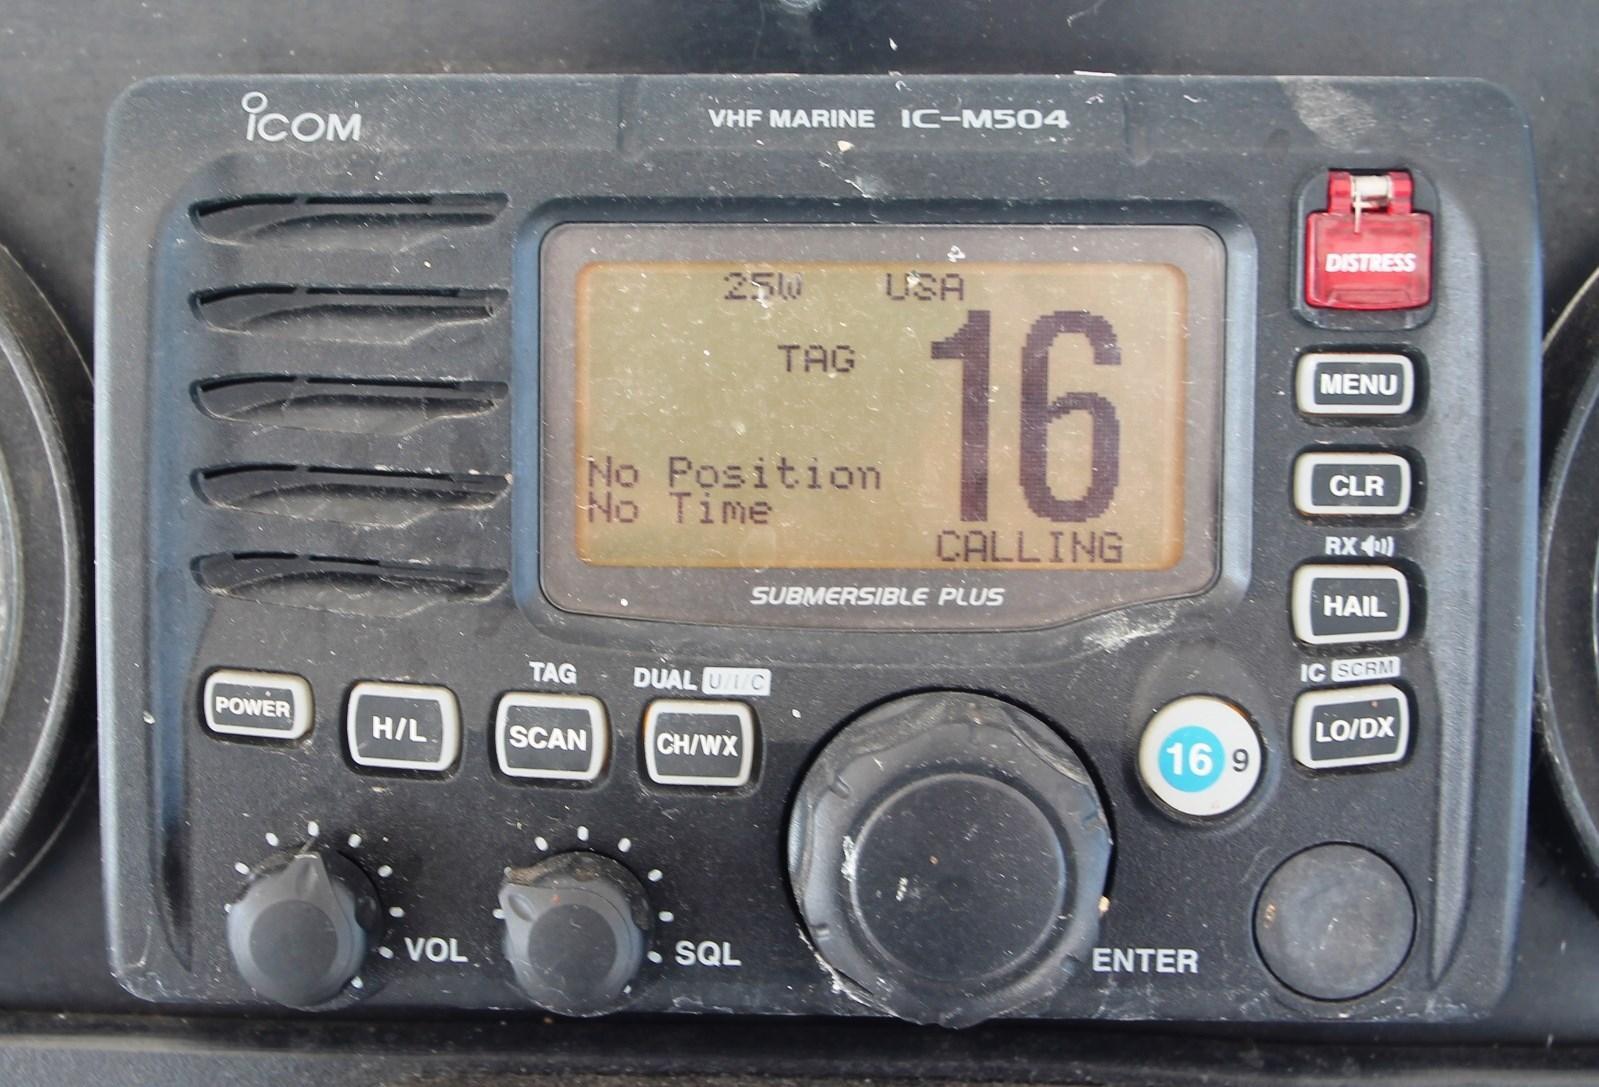 Bridge VHF